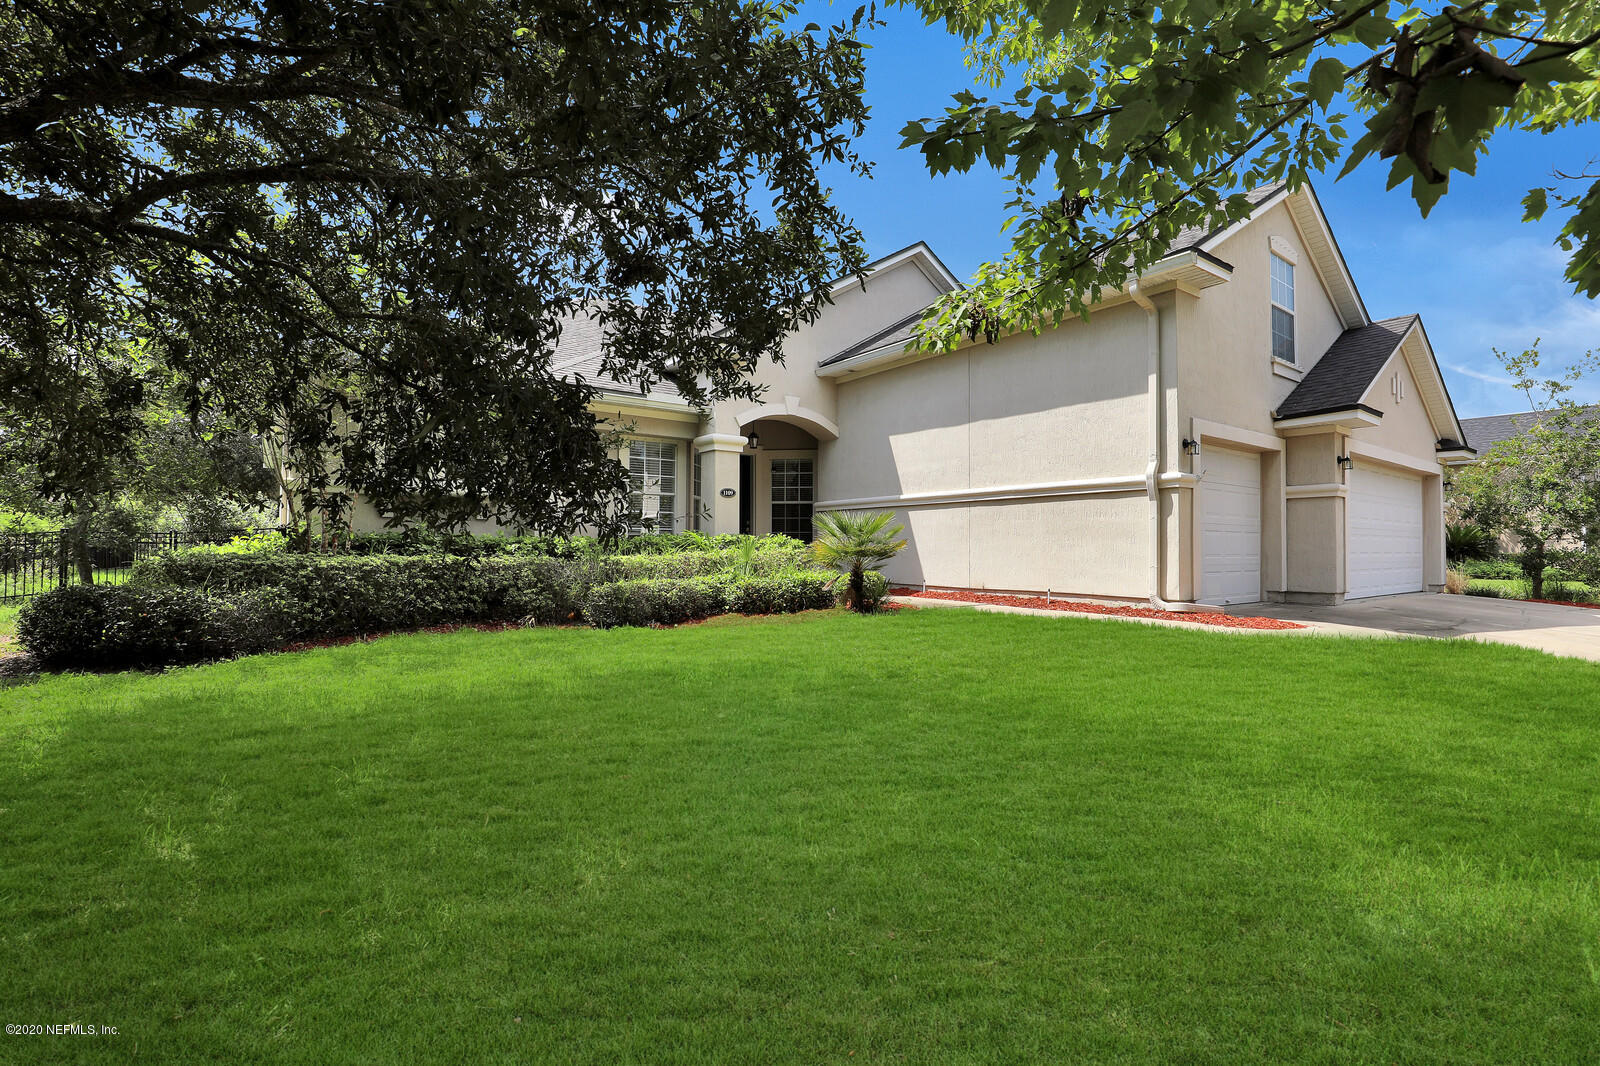 1109 WESTFIELD, ST AUGUSTINE, FLORIDA 32095, 5 Bedrooms Bedrooms, ,4 BathroomsBathrooms,Residential,For sale,WESTFIELD,1071689